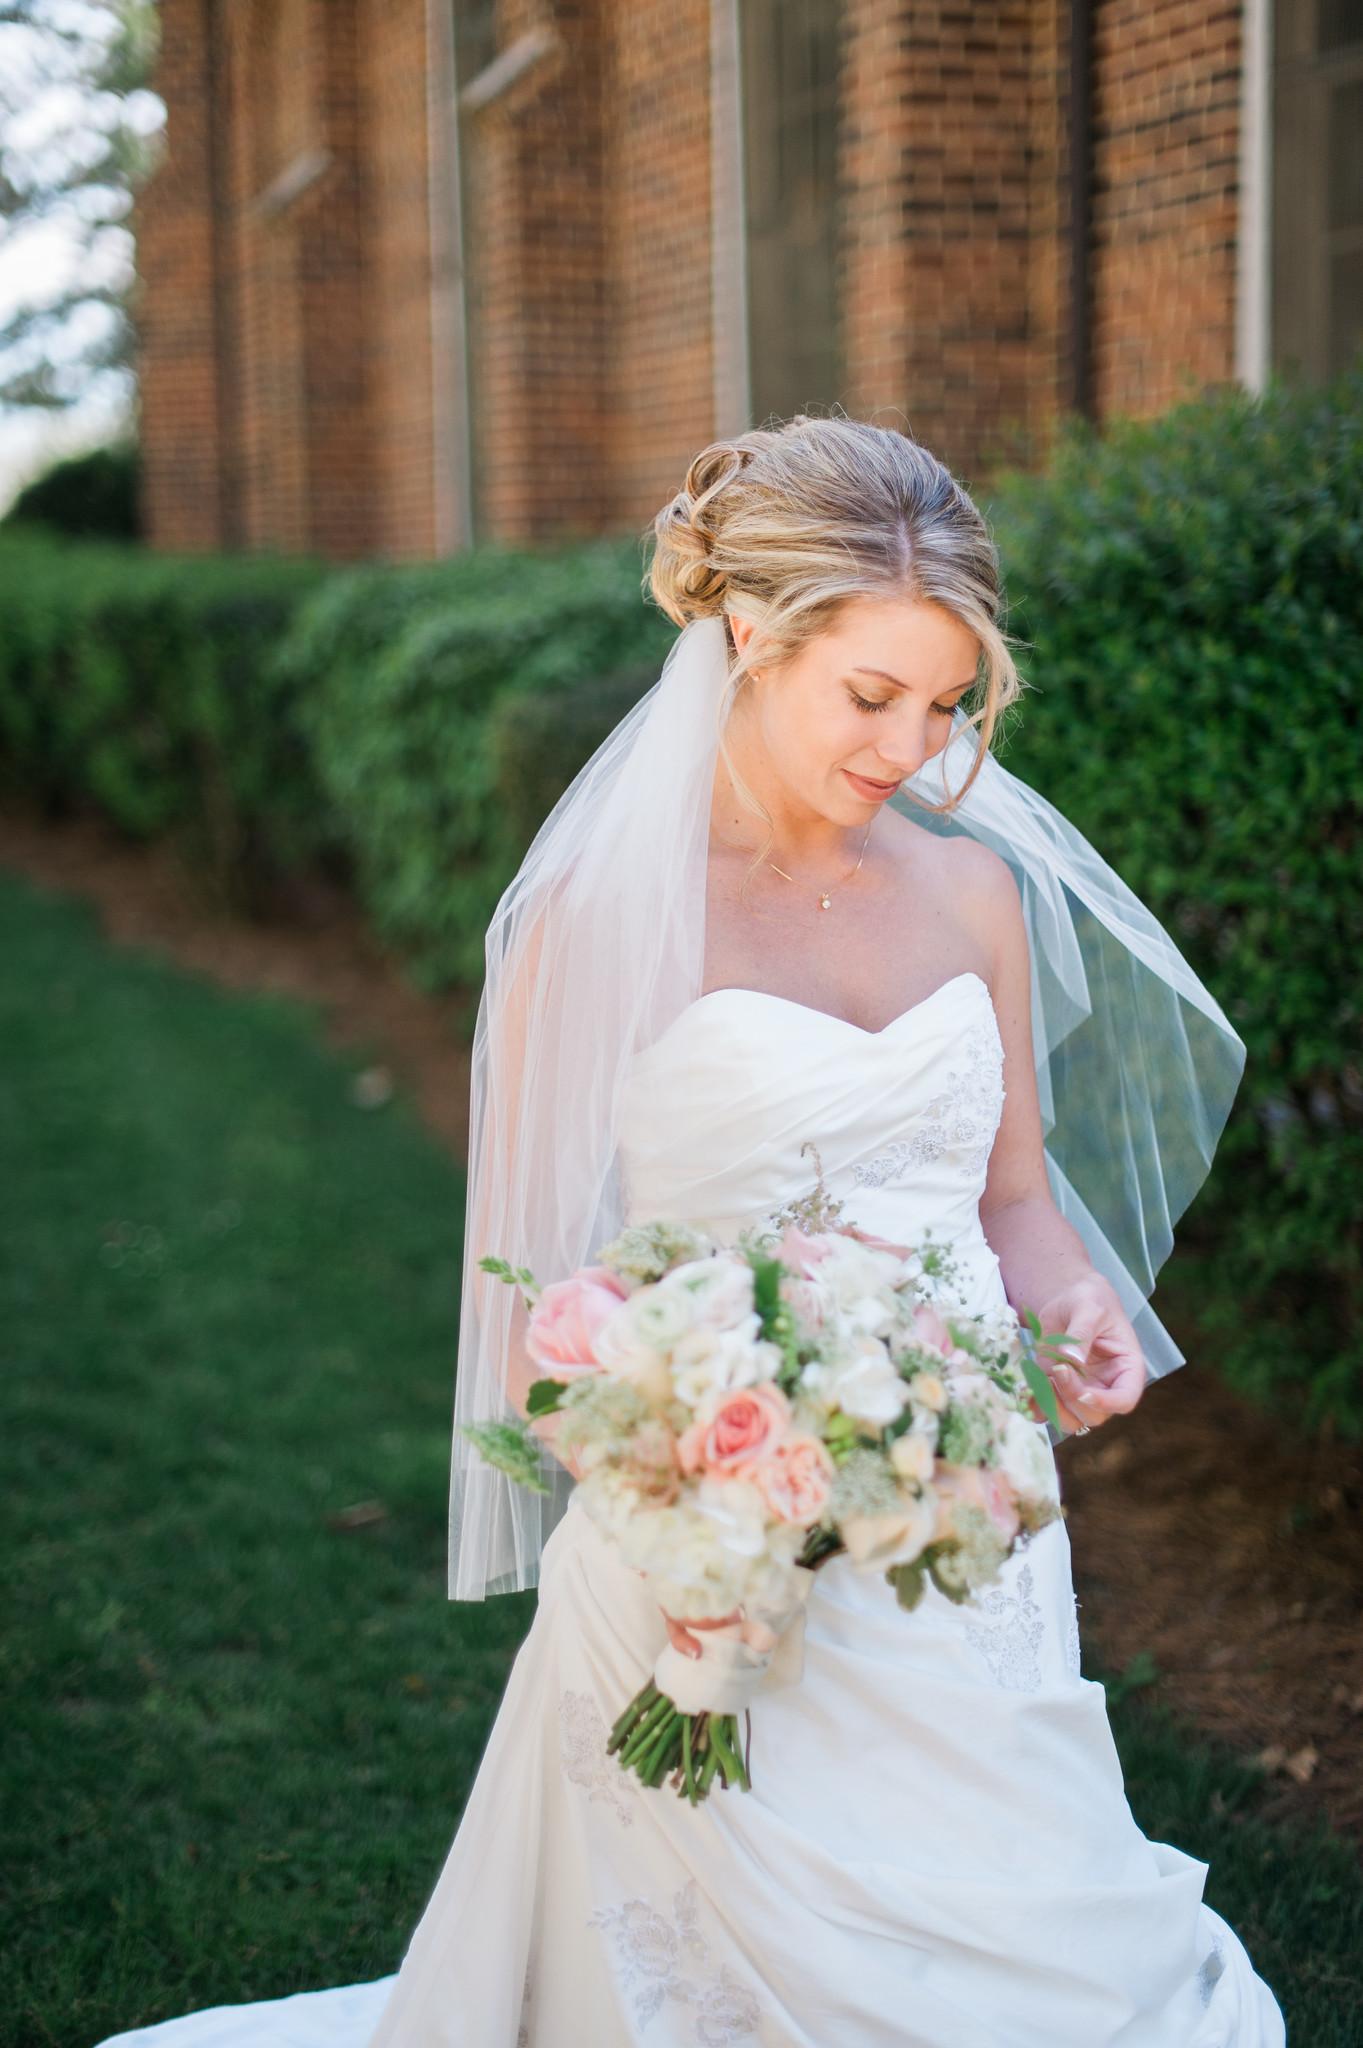 ernst-wedding-152-X4.jpg